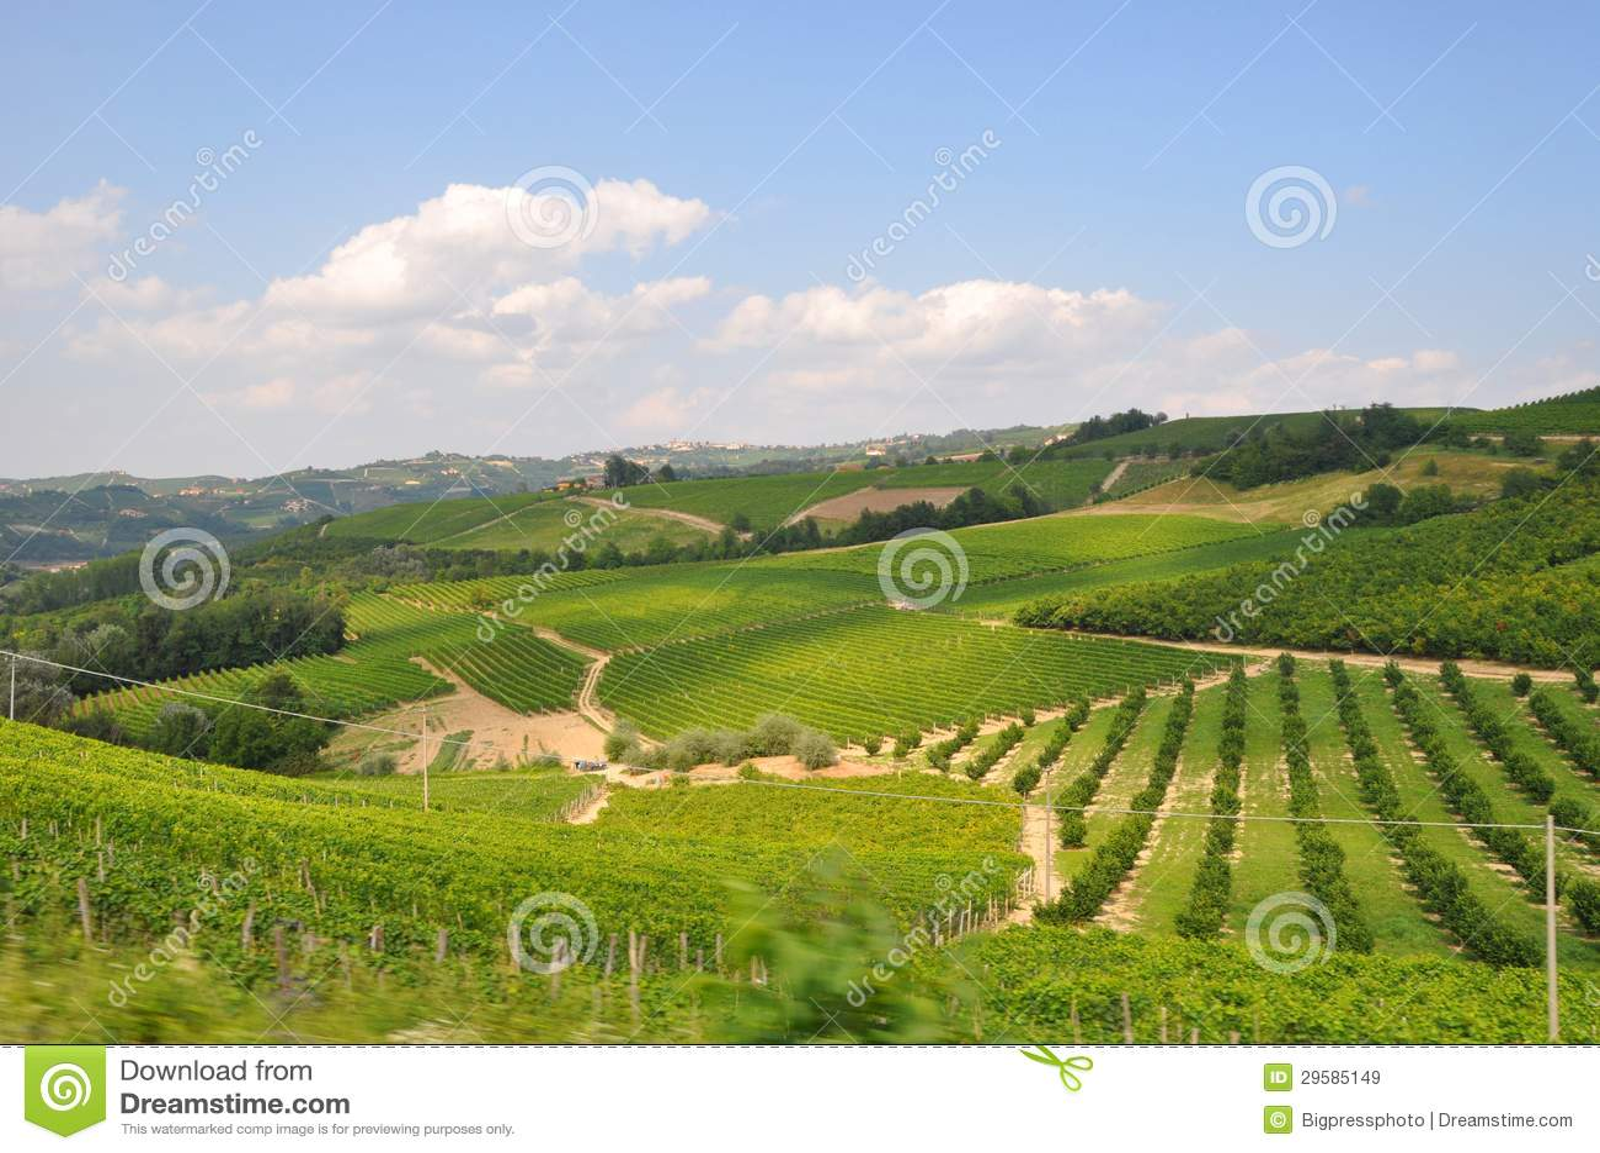 piemonte vineyards Barolo Langhe Alba italy